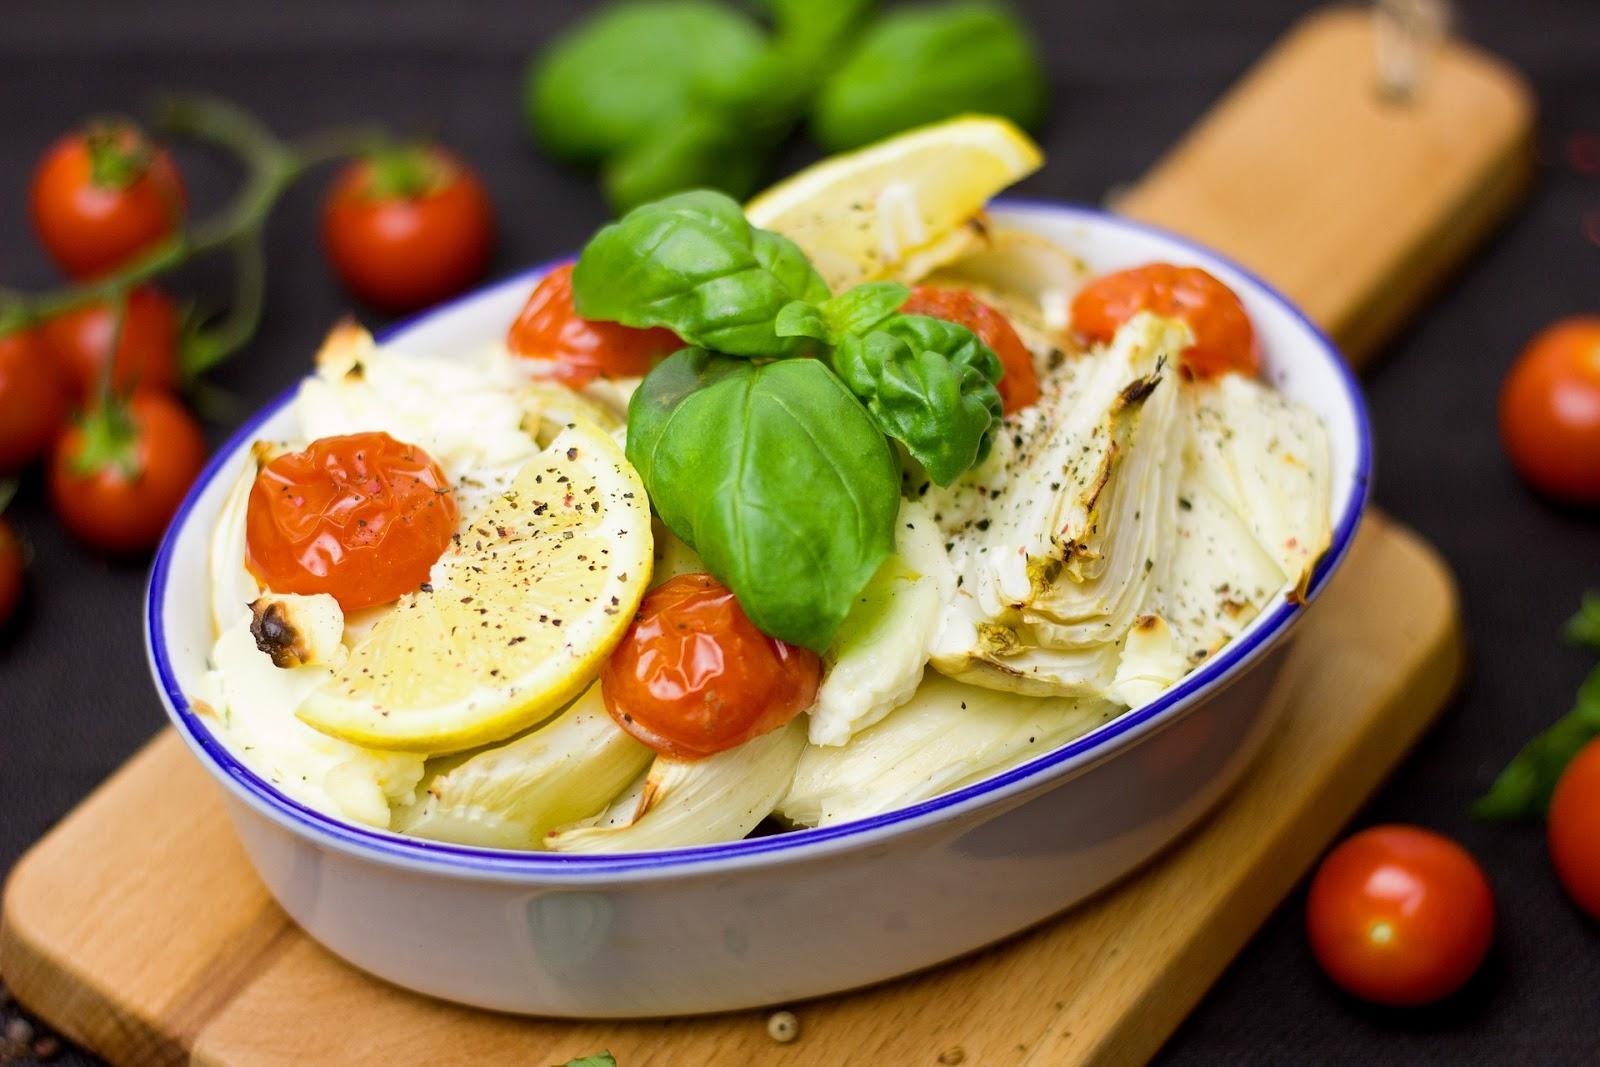 cocina, curso, saludable, vegetarianismo, veganismo, estilo, vida